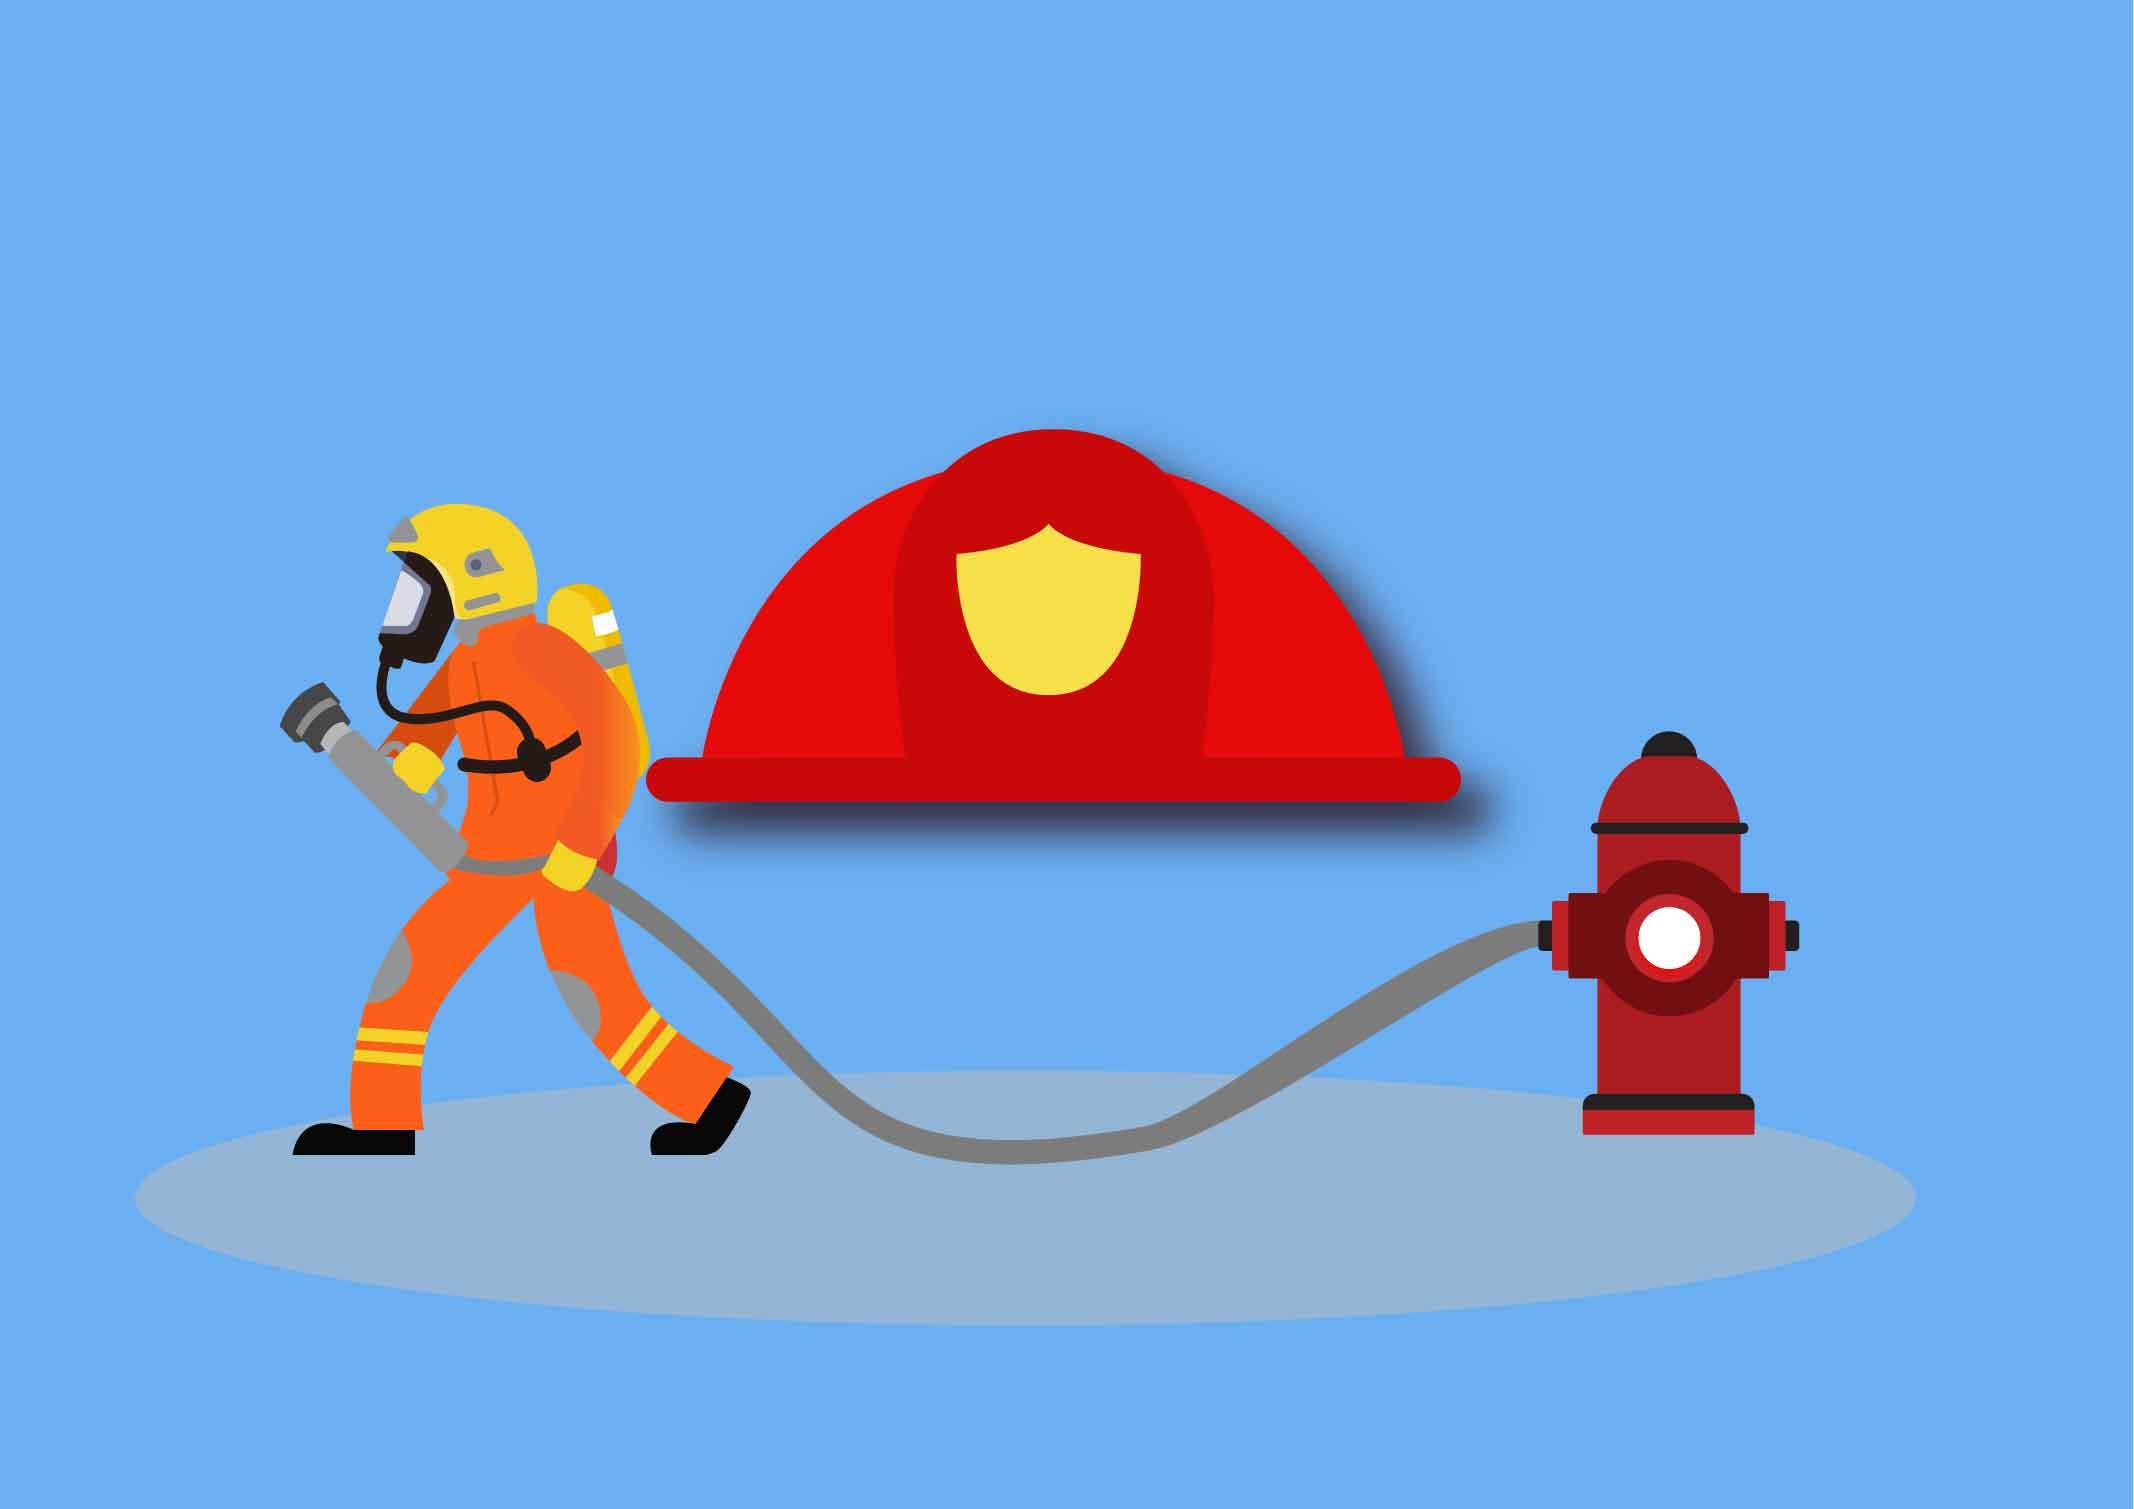 消防工程师考后审核麻烦吗图片